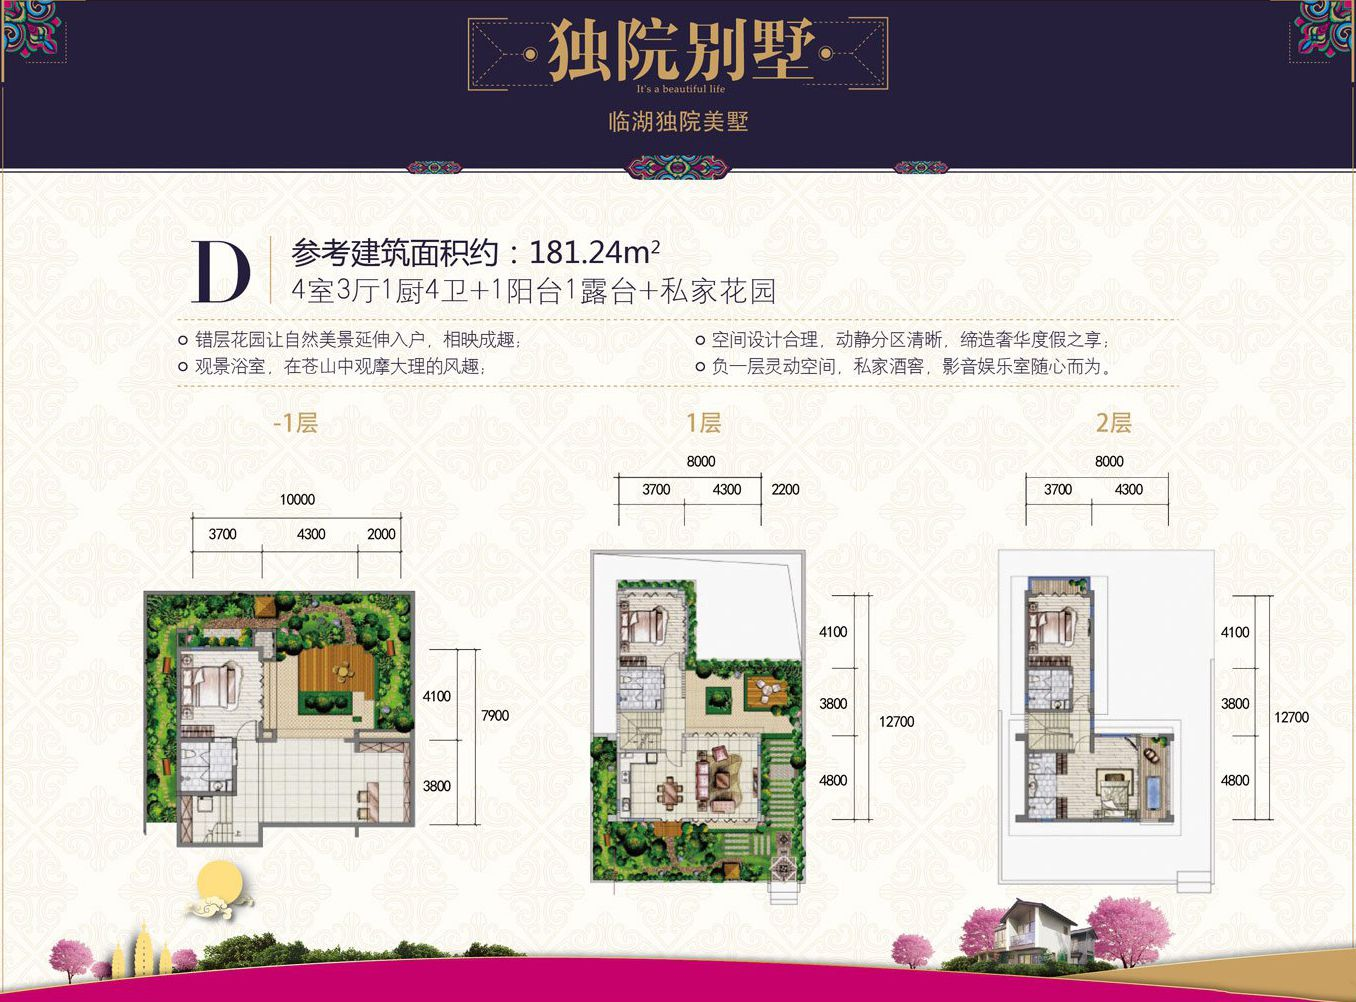 北区独院D户型 4室3厅1厨4卫1阳台1露台+私家花园 建面181.24㎡